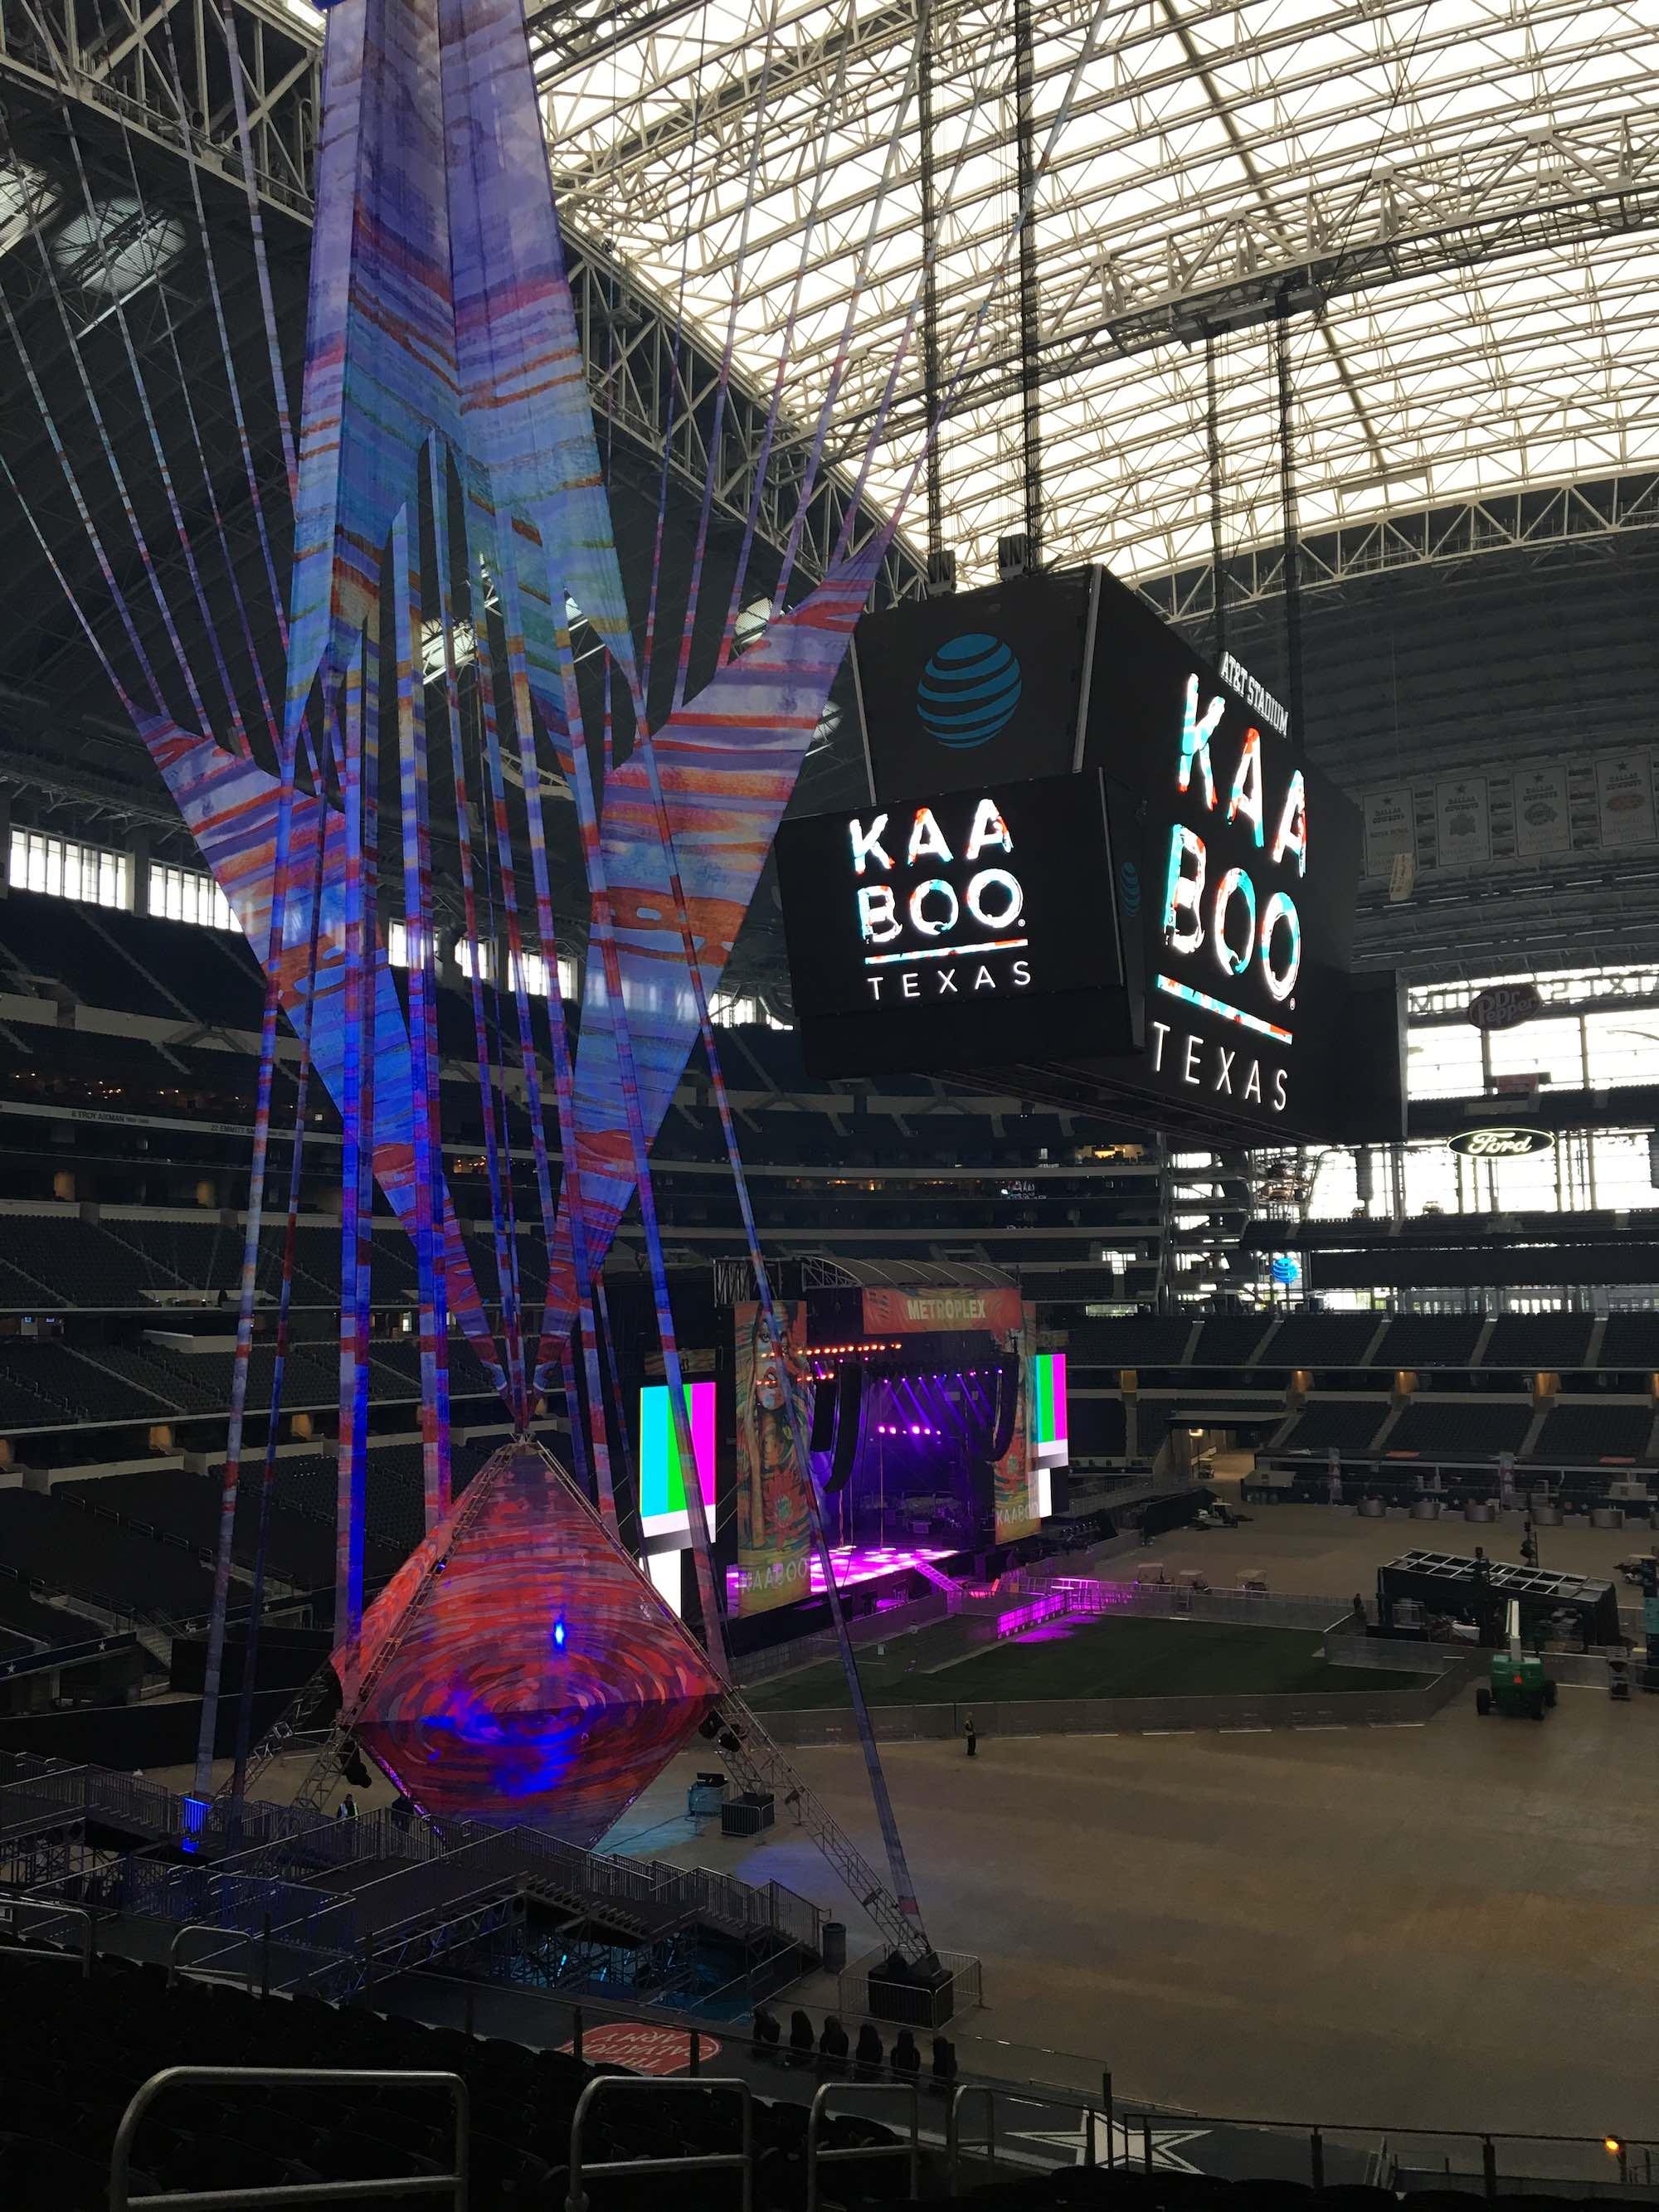 Kaaboo Texas 2019.jpg